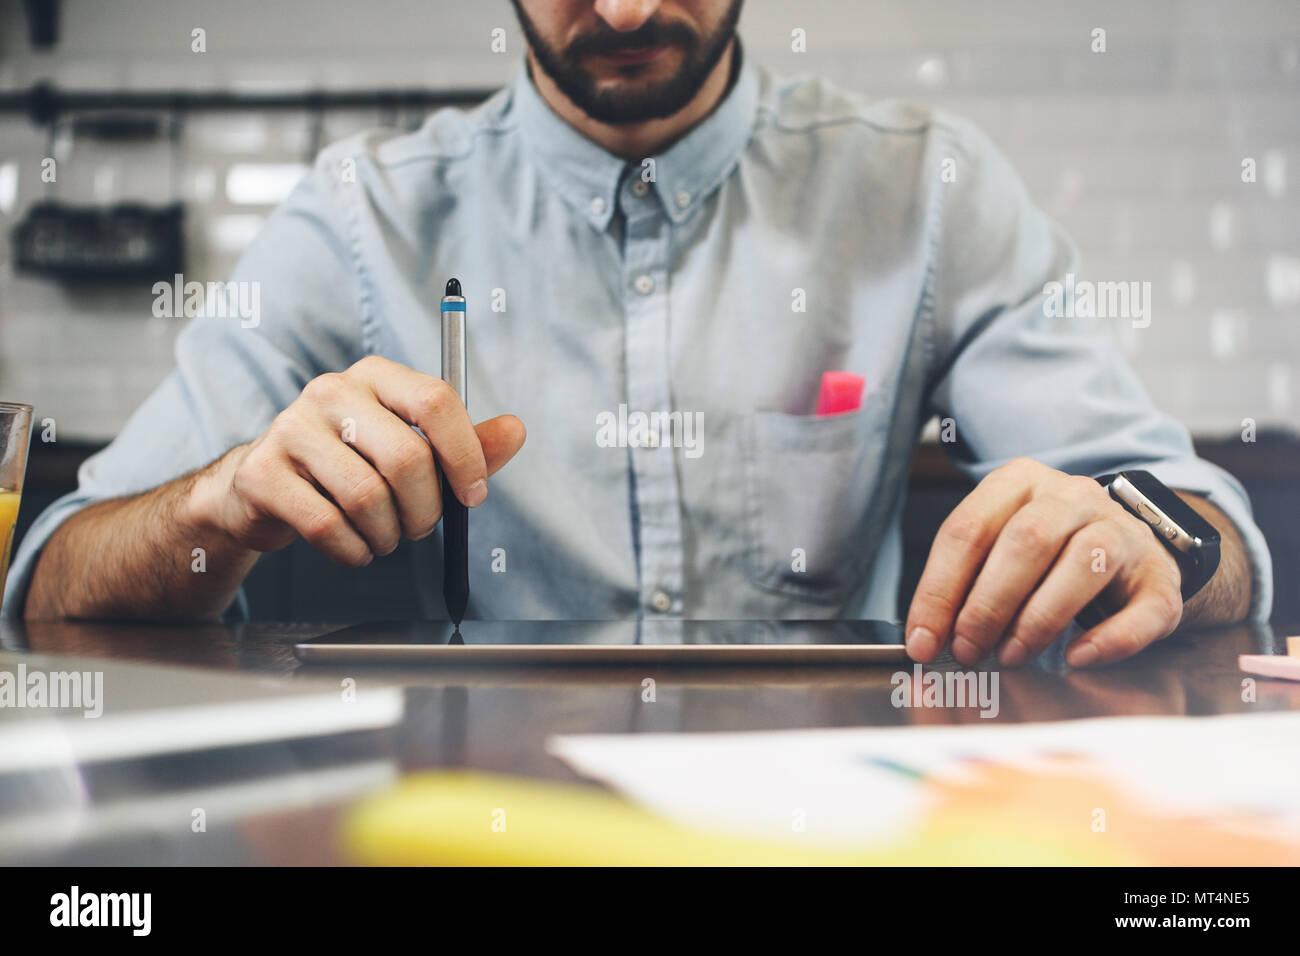 Uomo Barbuto utilizzando tablet per la conversazione video in ufficio moderno. Concetto di giovani uomini di affari che lavorano a casa. Uomo Barbuto uso generico giro di design Immagini Stock